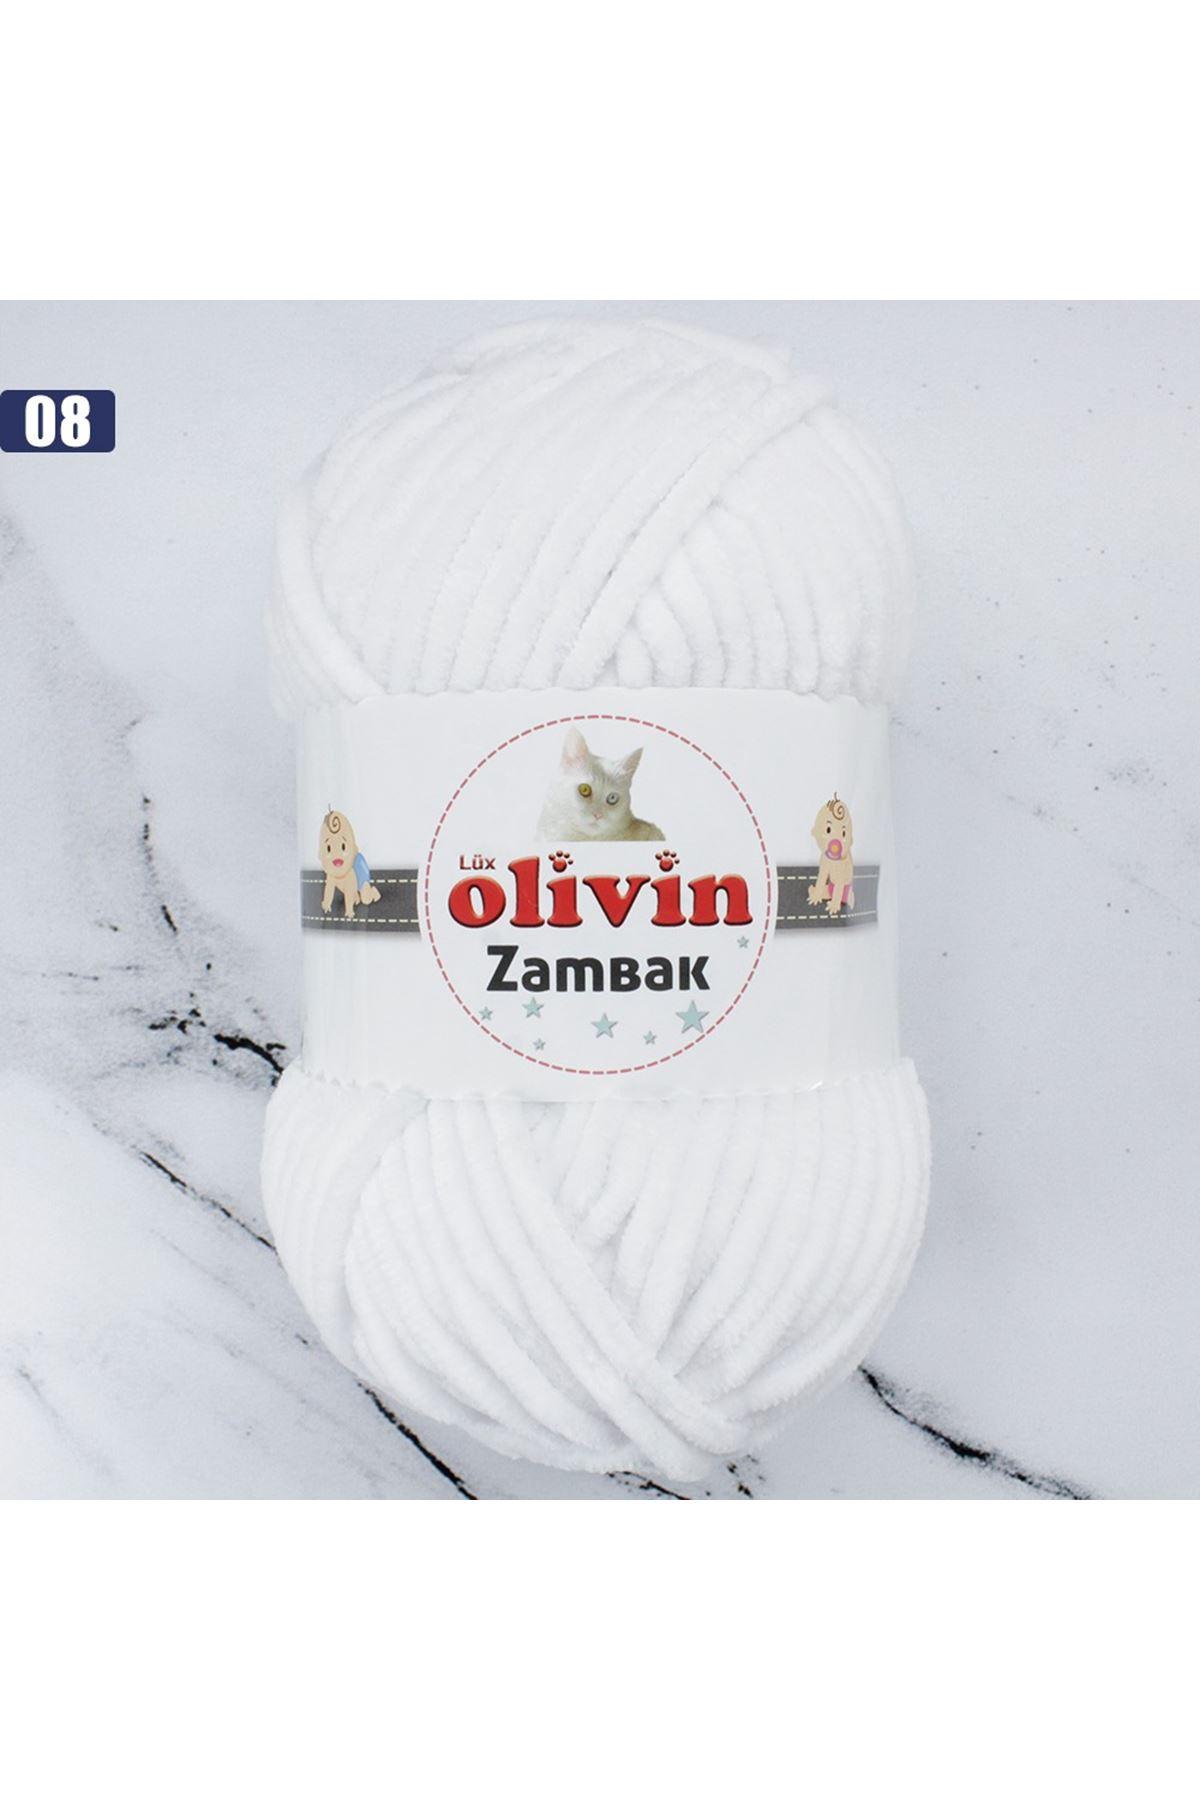 Olivin Zambak 08